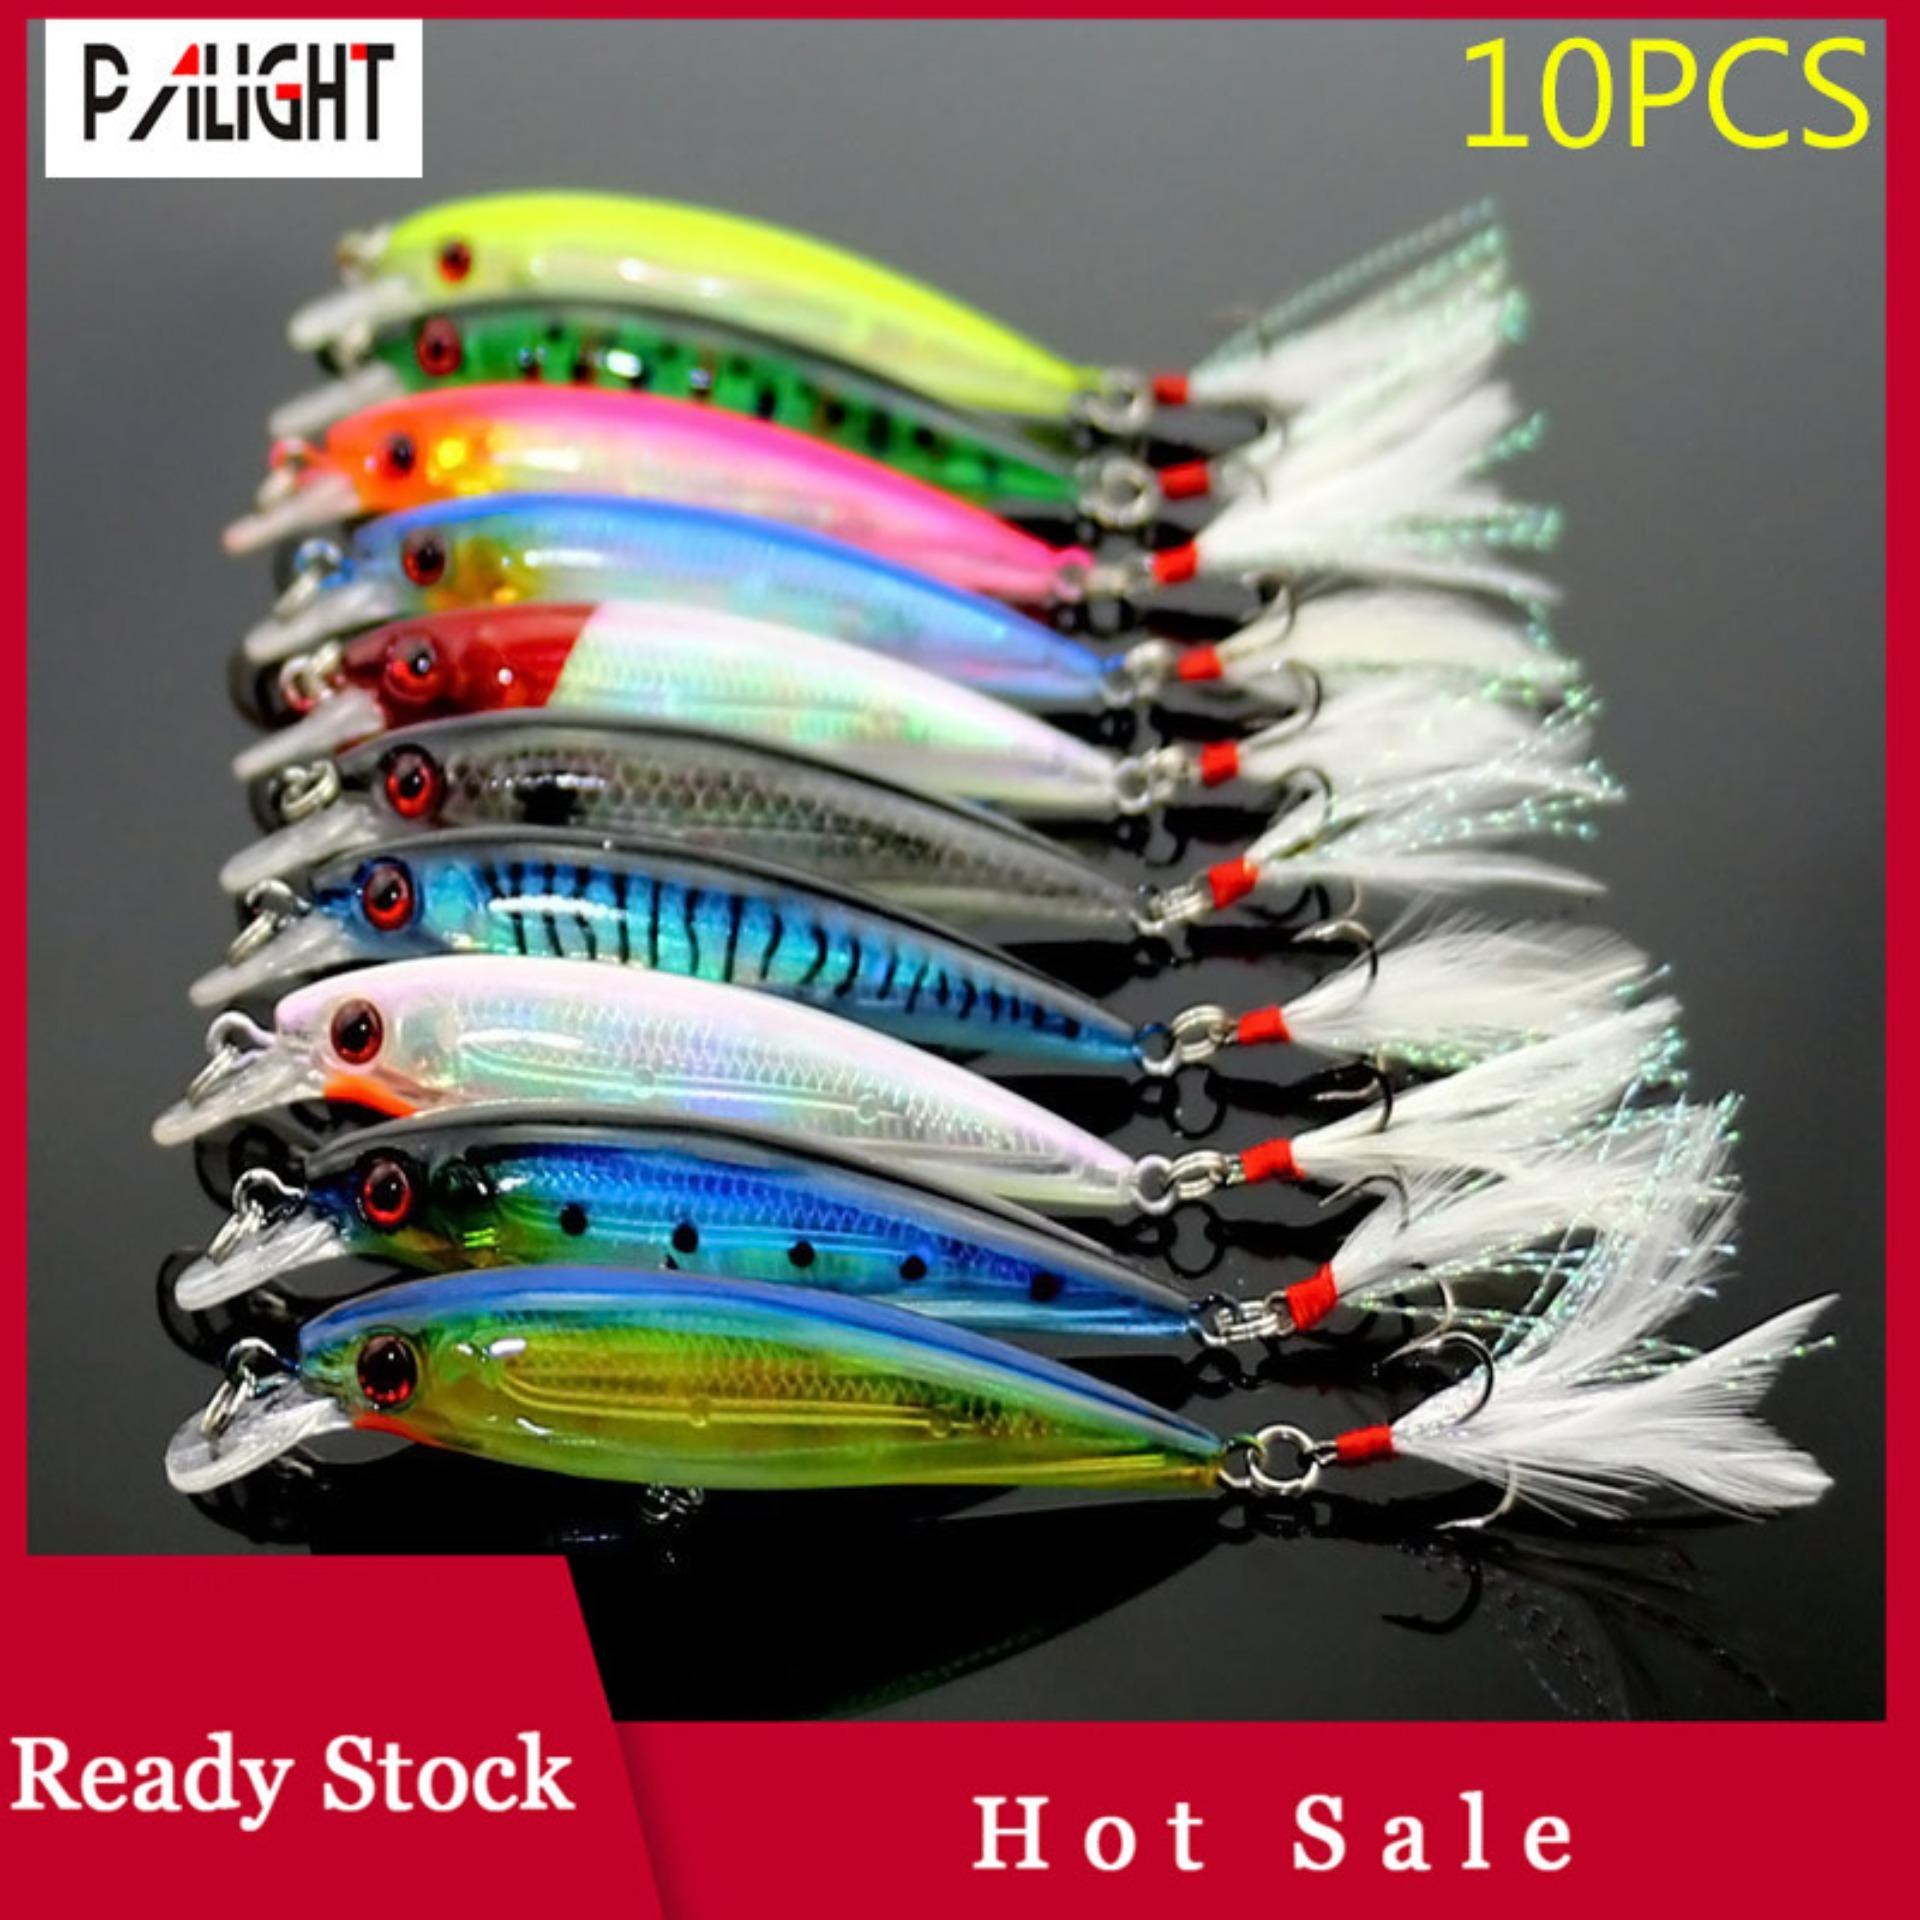 afbea6fa6  Hot Sale PAlight 10 Pcs Fishing Lure Minnow Wobblers Bait Tackle  Artificial Baits Crankbait